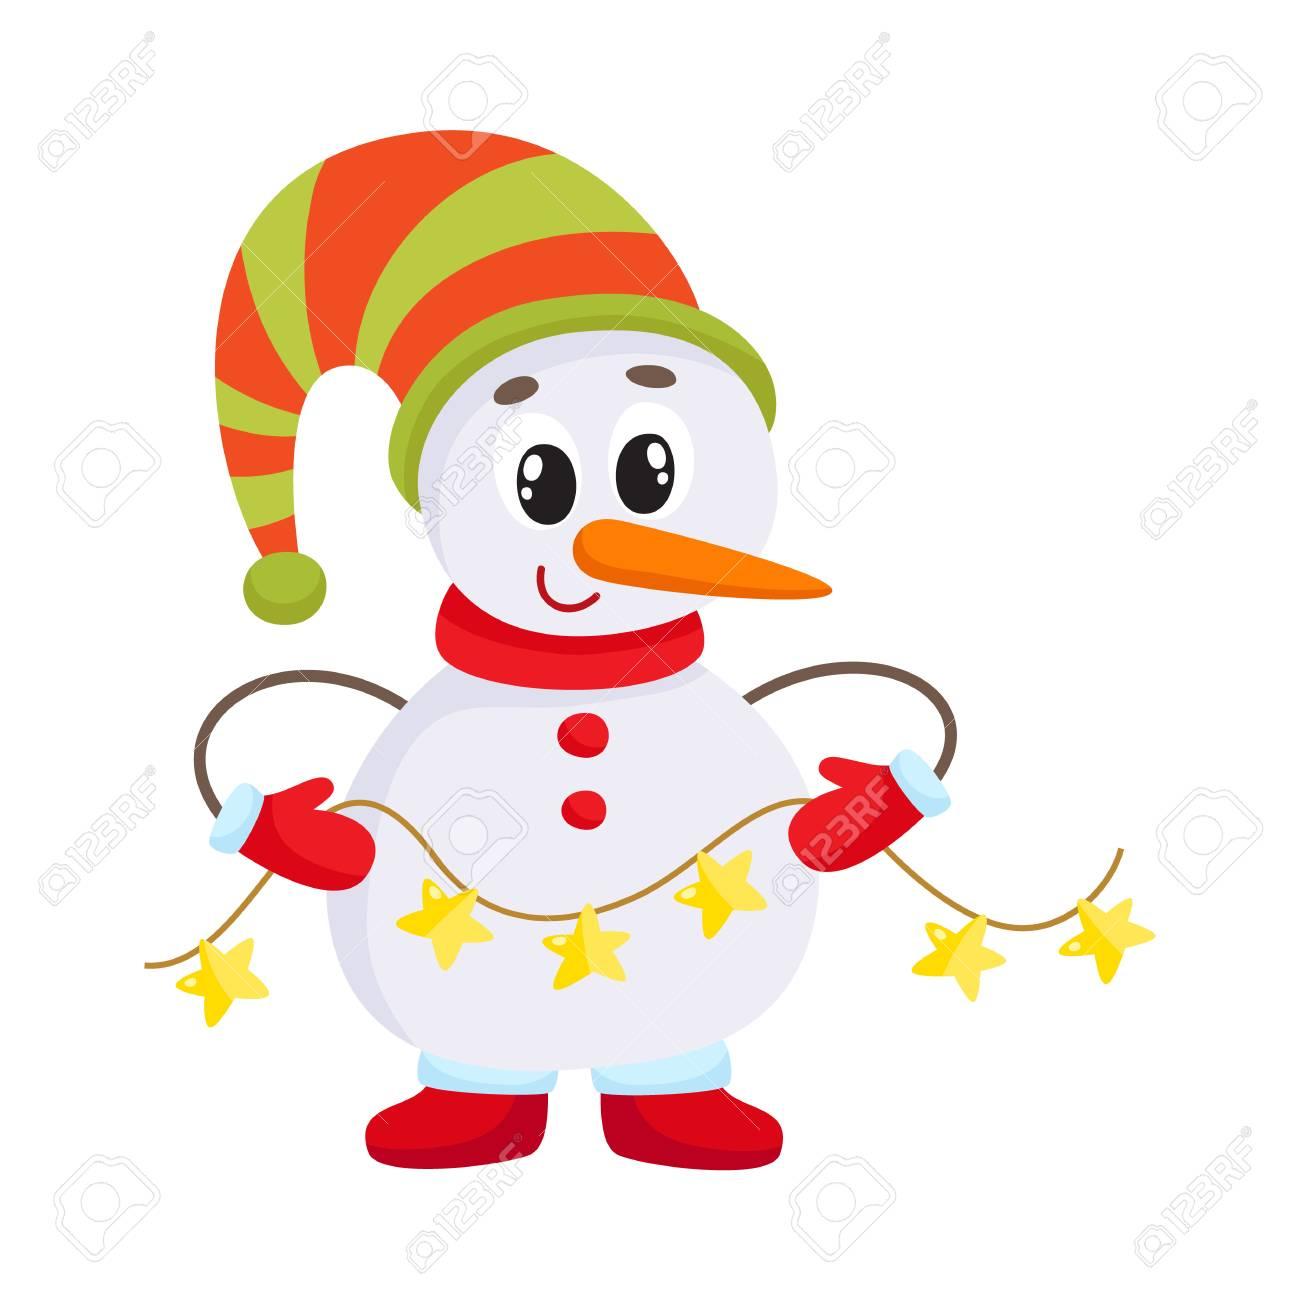 Boneco De Neve Pequeno Bonito E Engracado Que Guarda Uma Festao